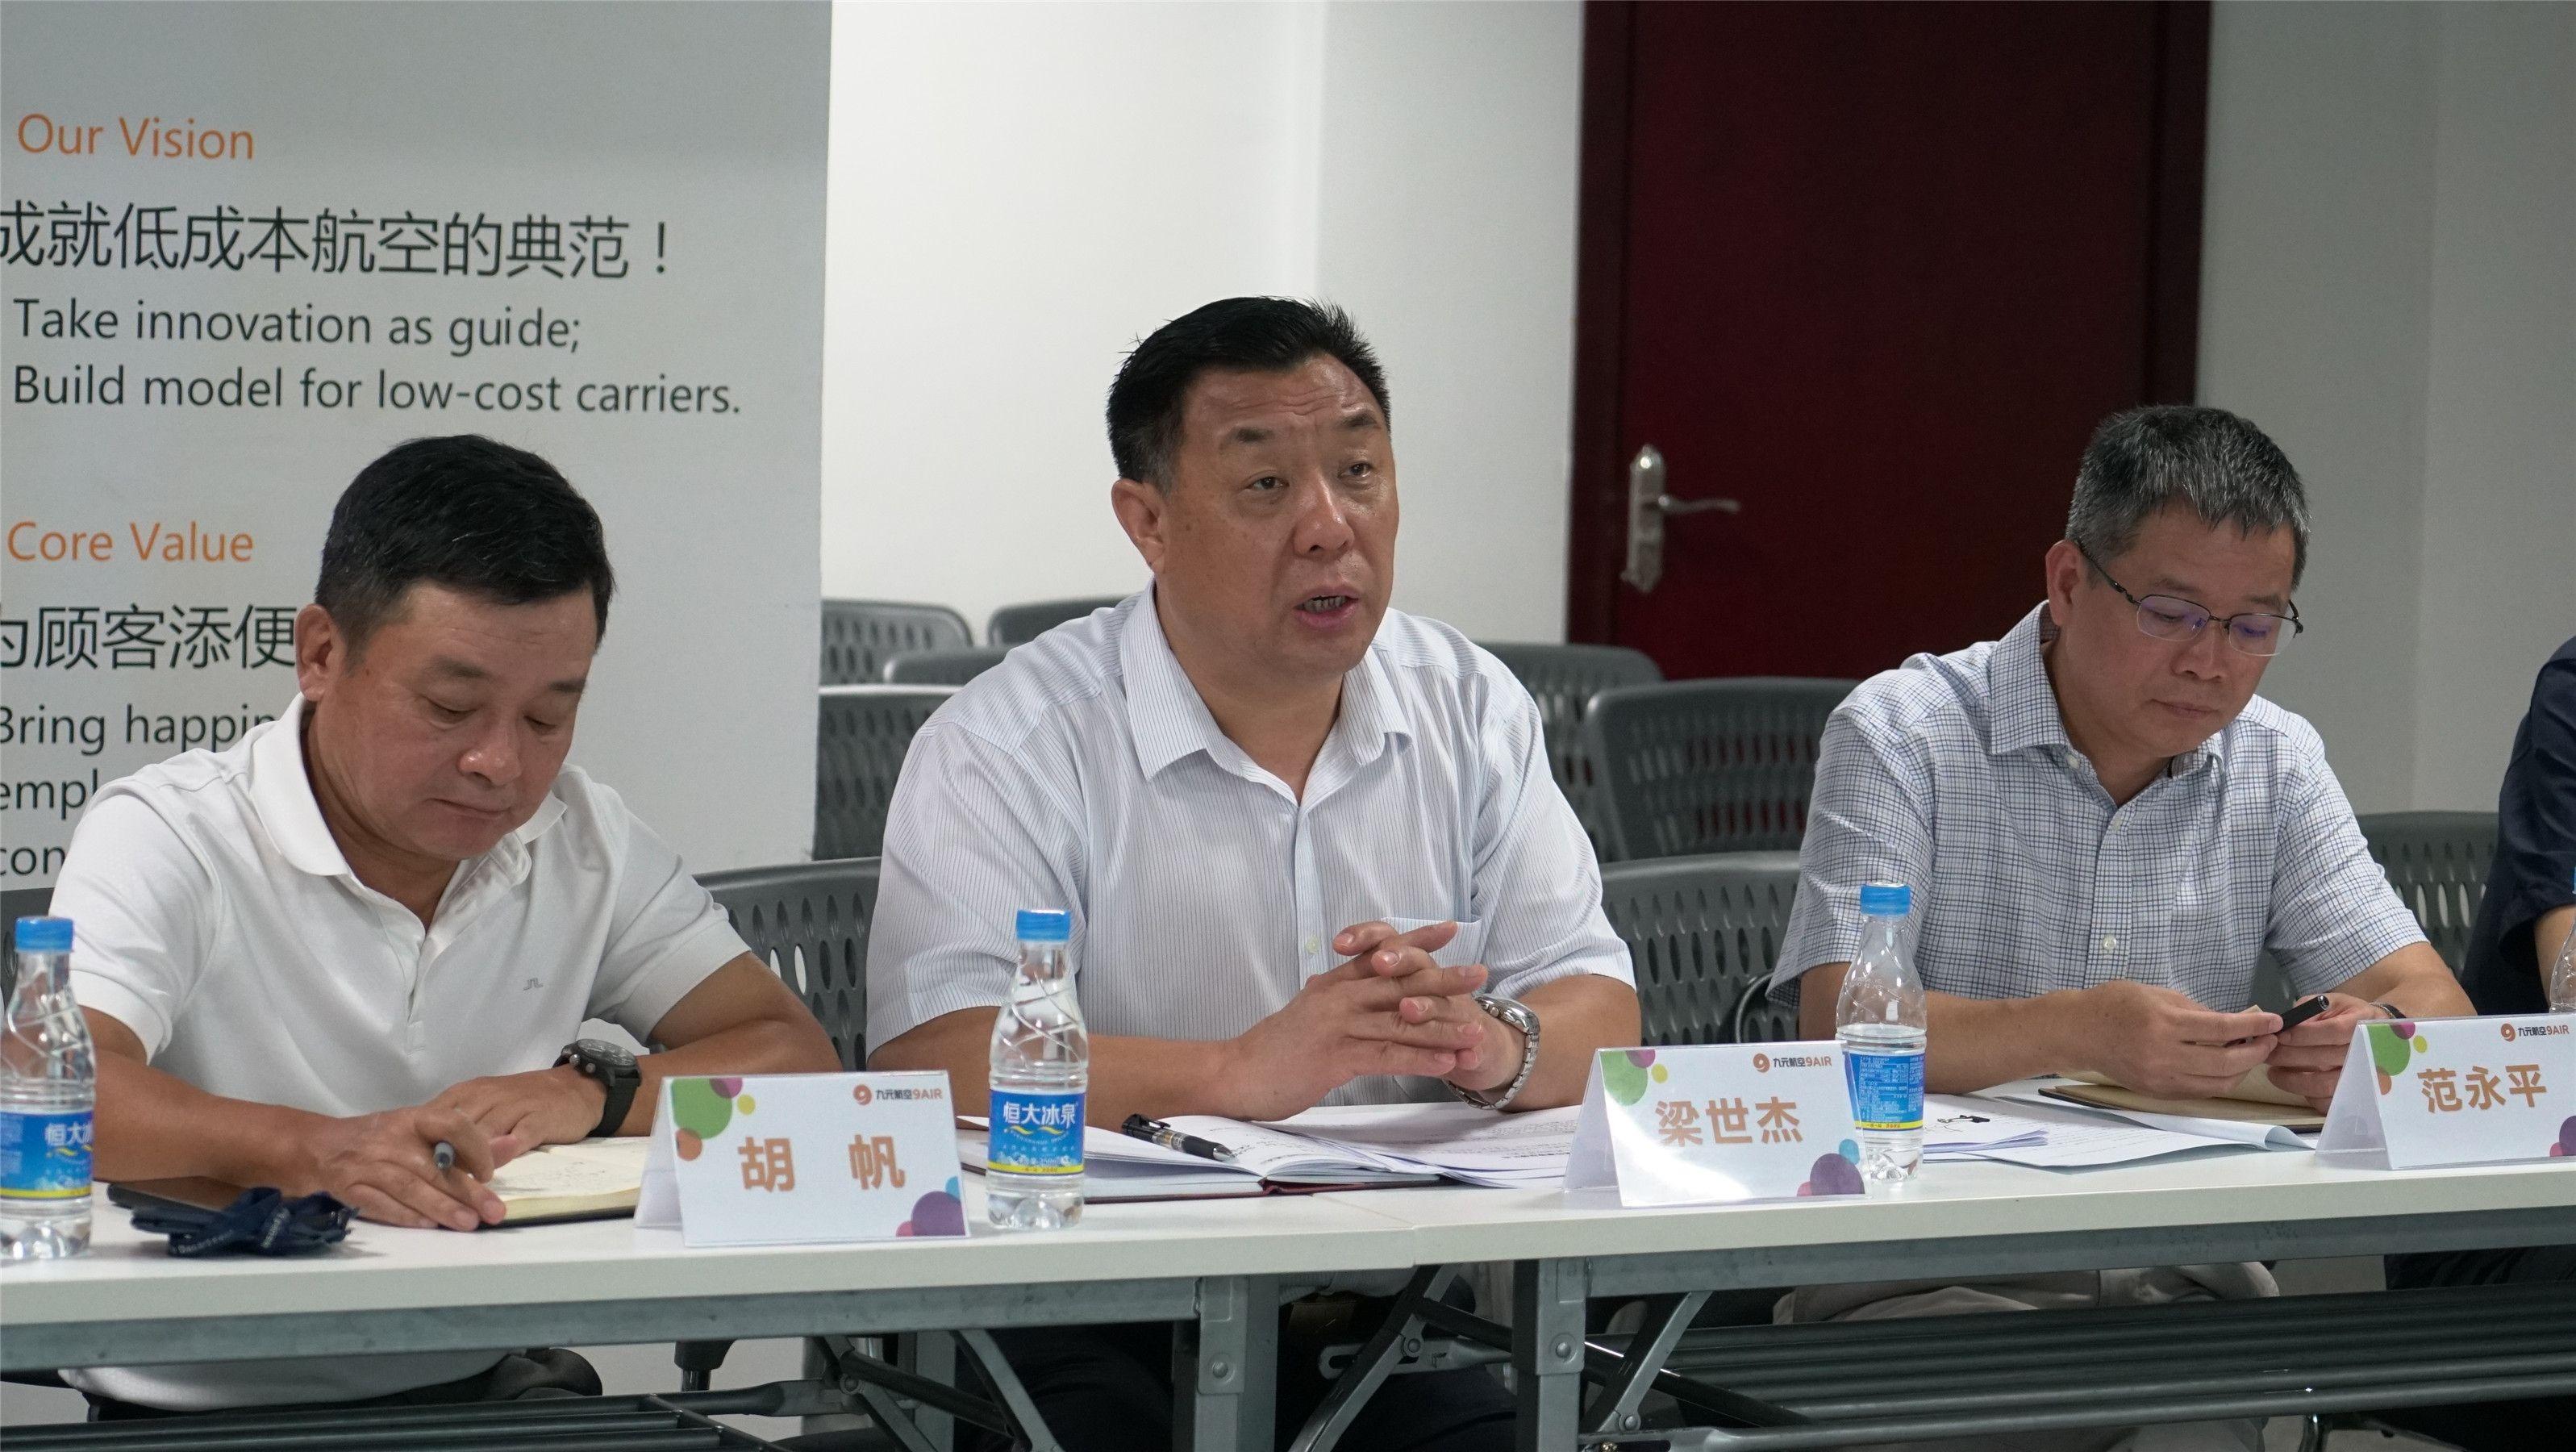 中南管理局副局长梁世杰一行莅临九元航空检查指导